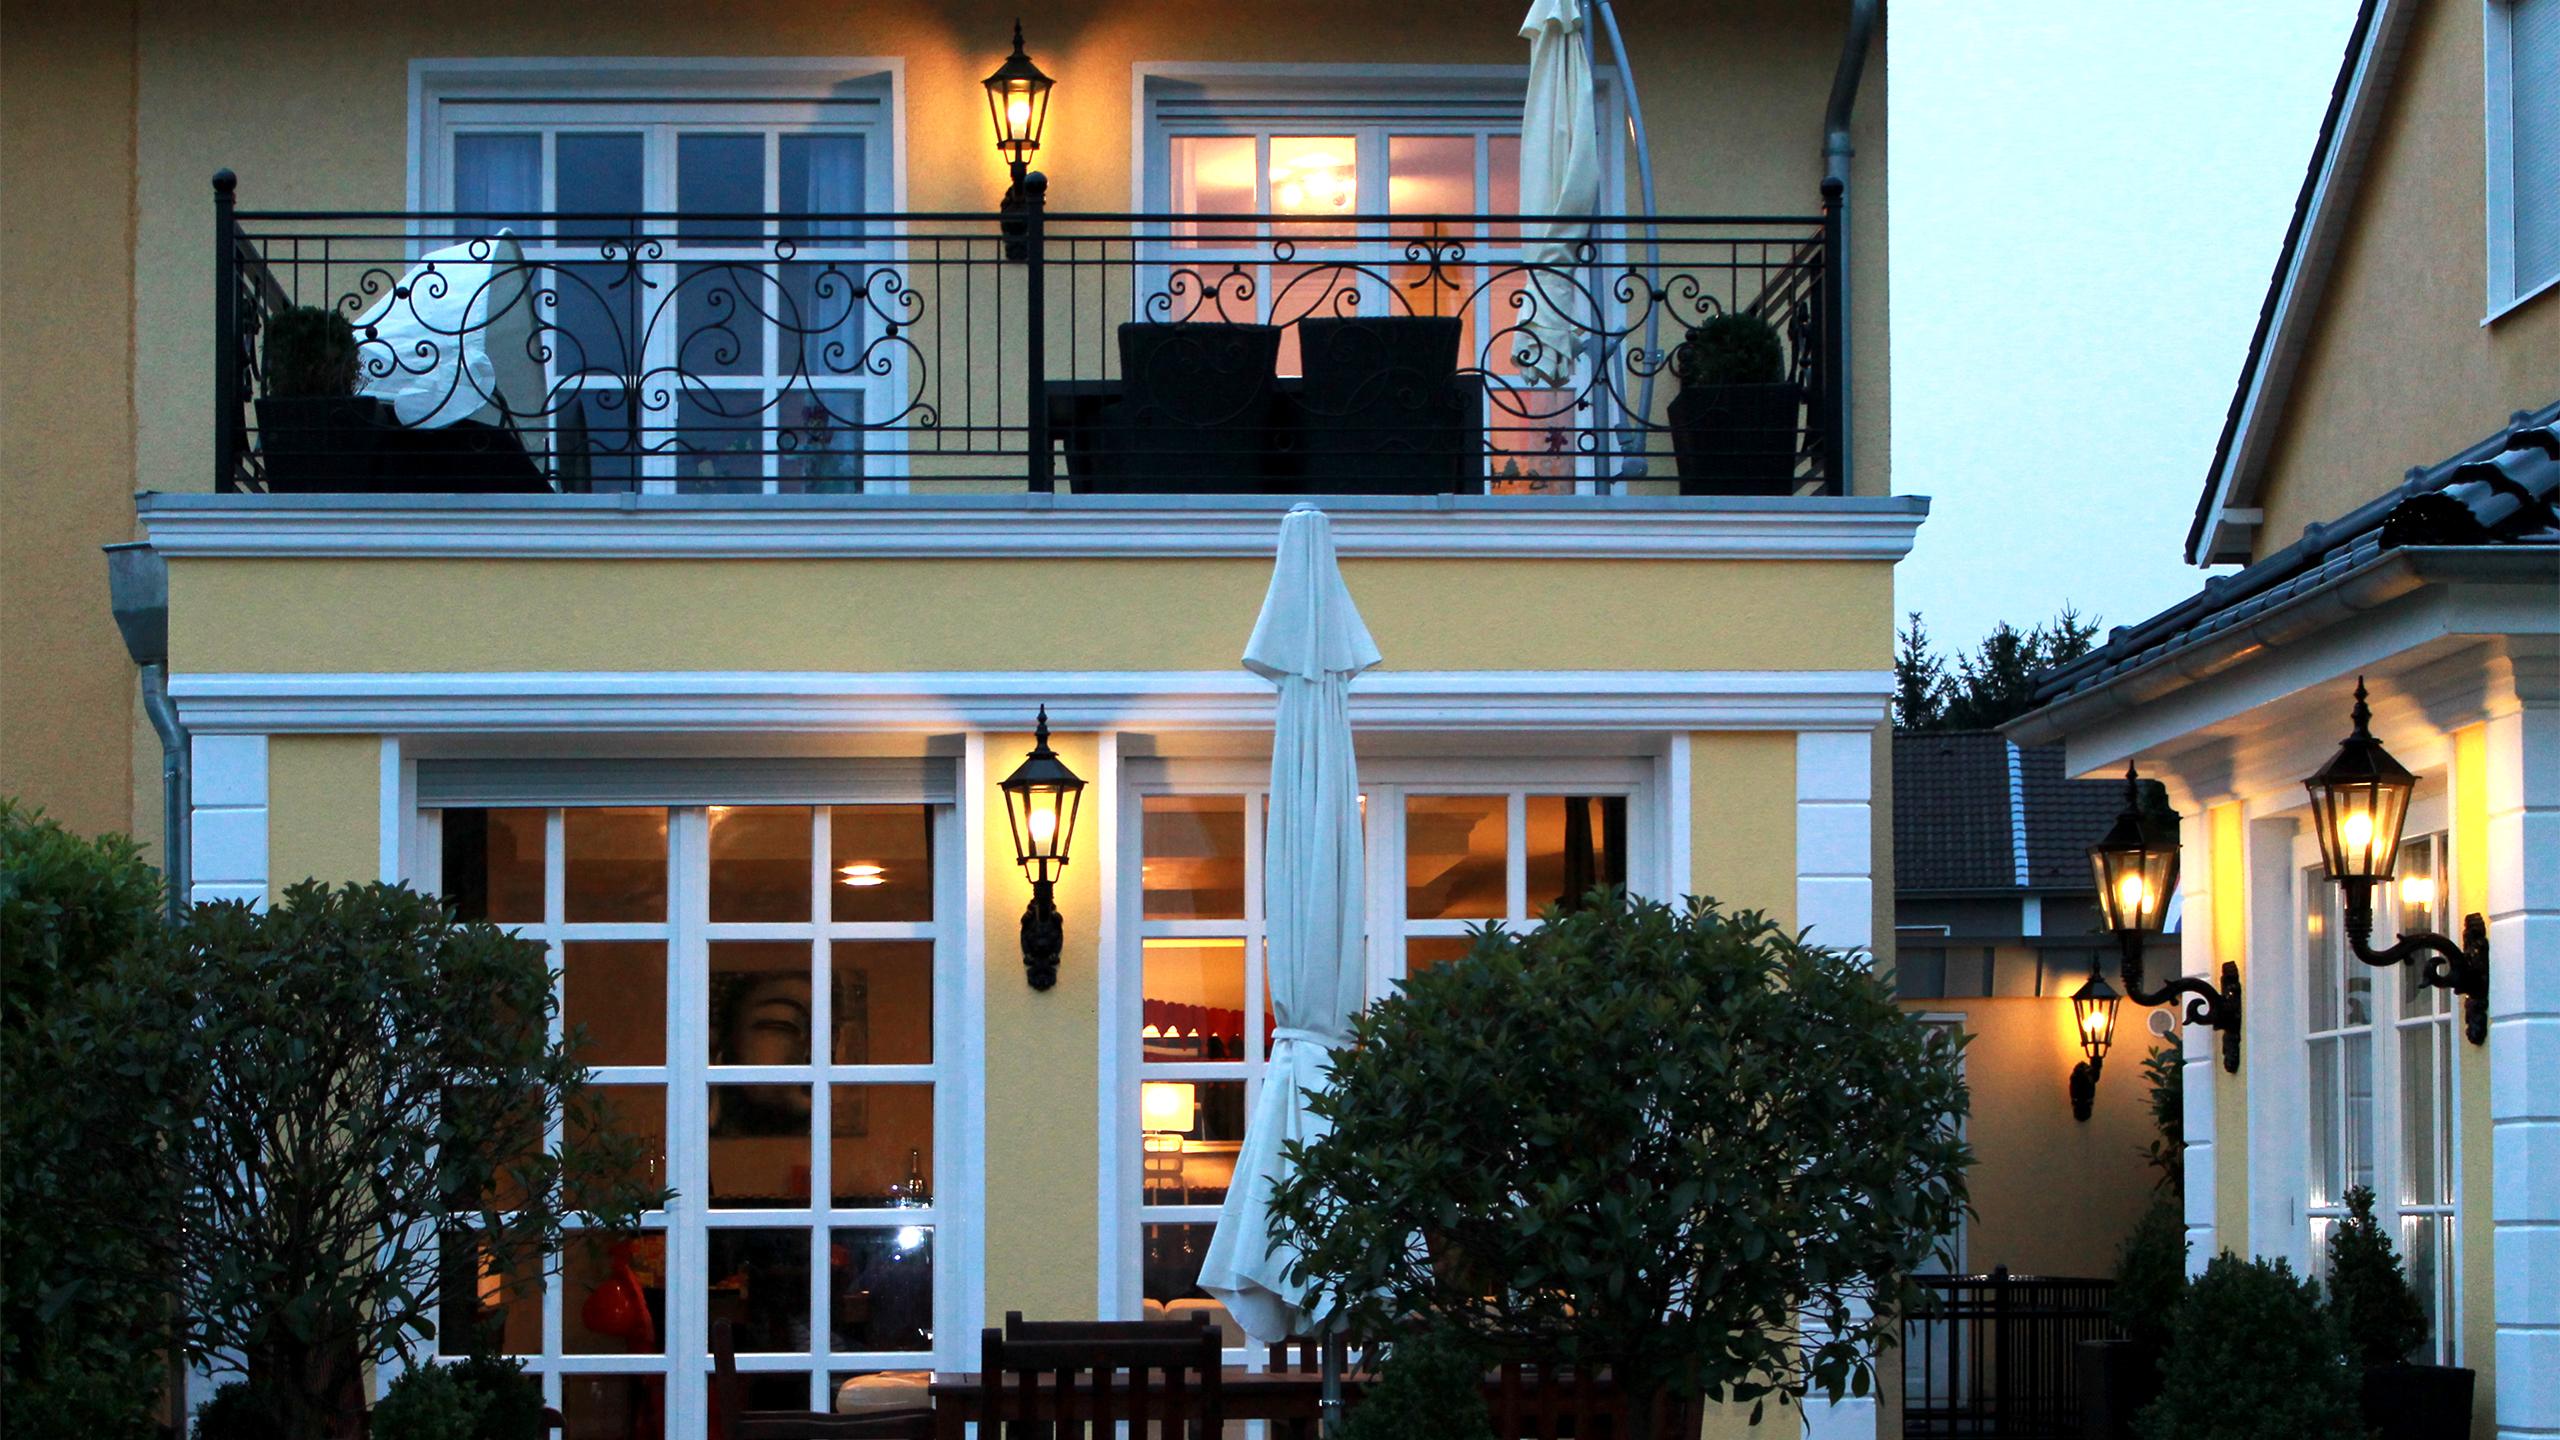 Fassadendekor wie Fensterumrahmungen